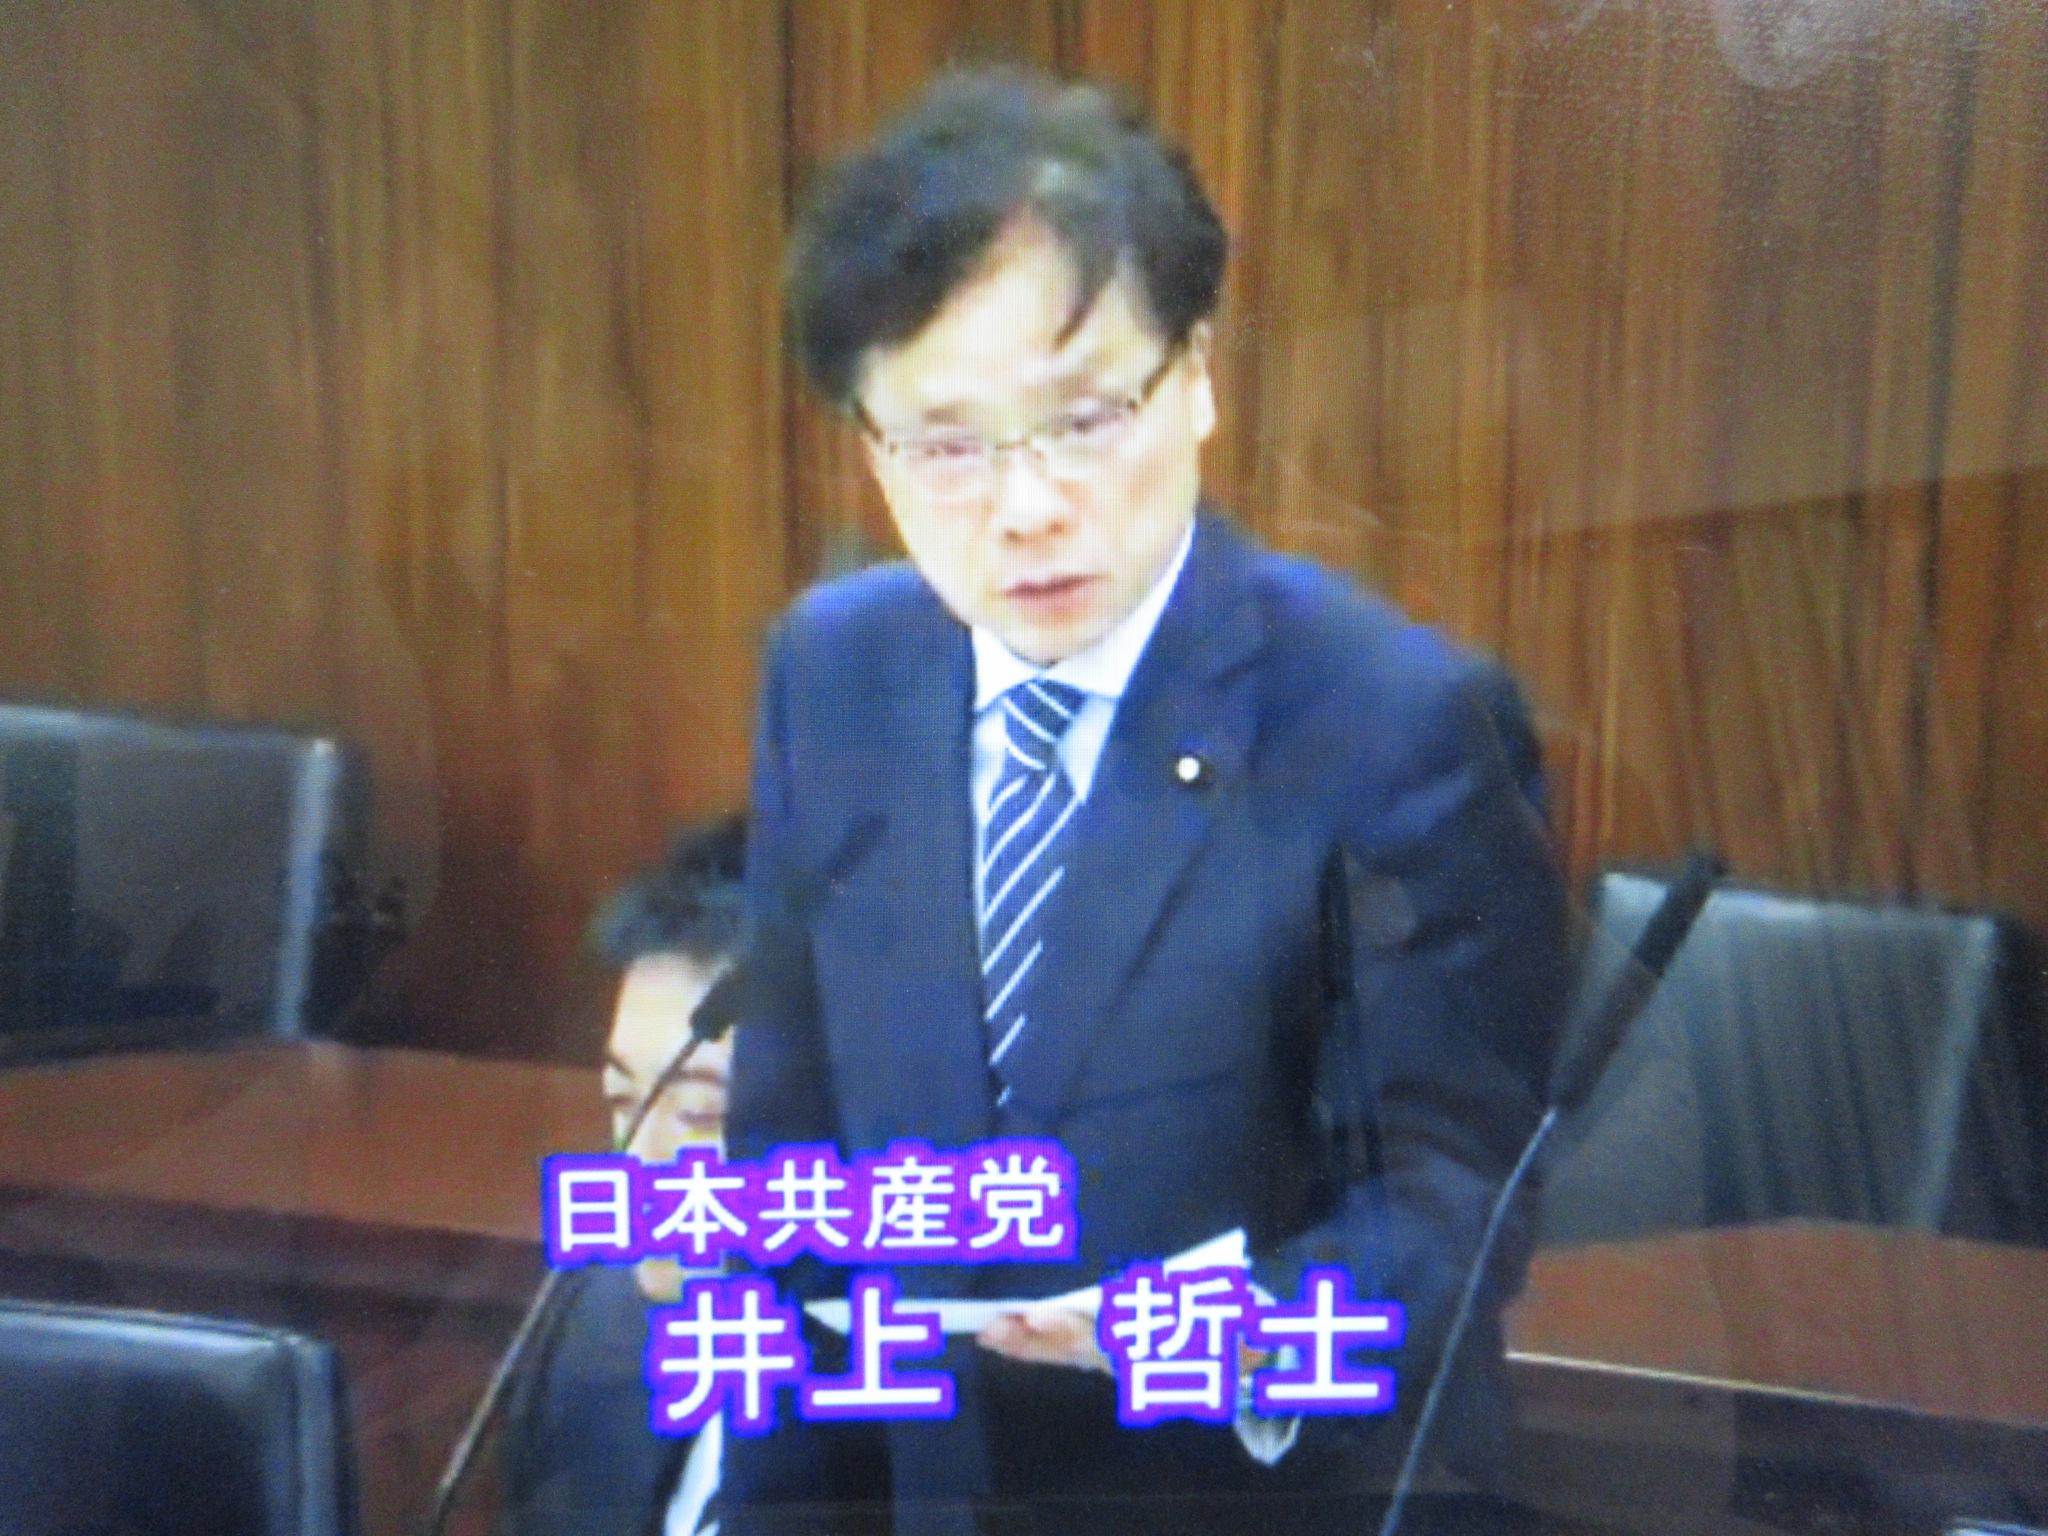 http://www.inoue-satoshi.com/diary/IMG_3896.JPG